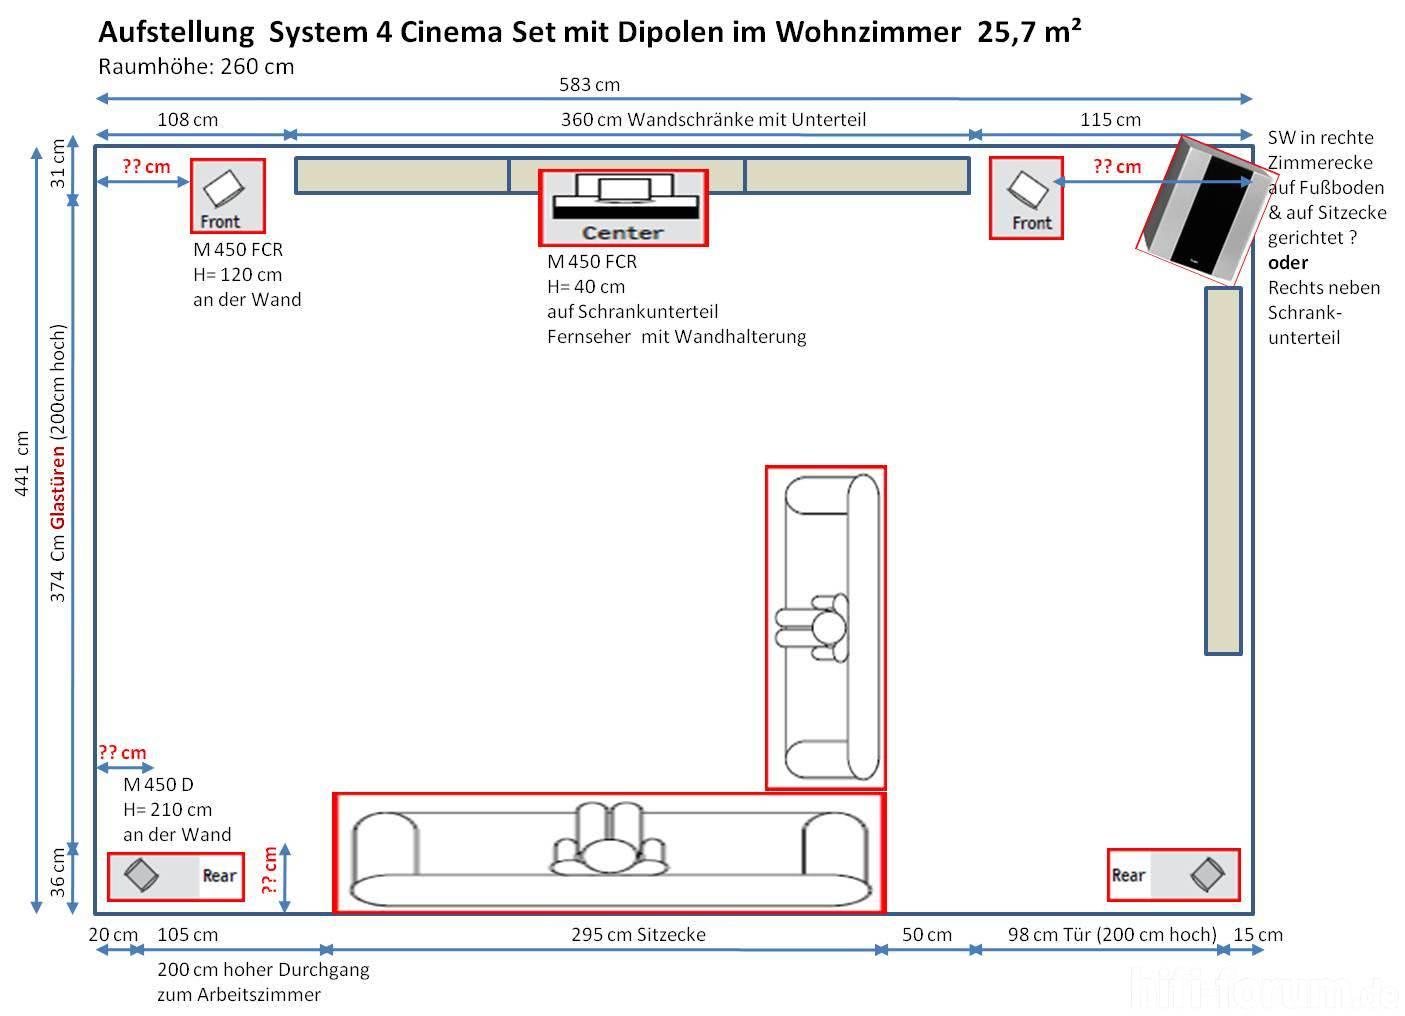 wohnzimmer grundriss aufstellung boxen hifi. Black Bedroom Furniture Sets. Home Design Ideas